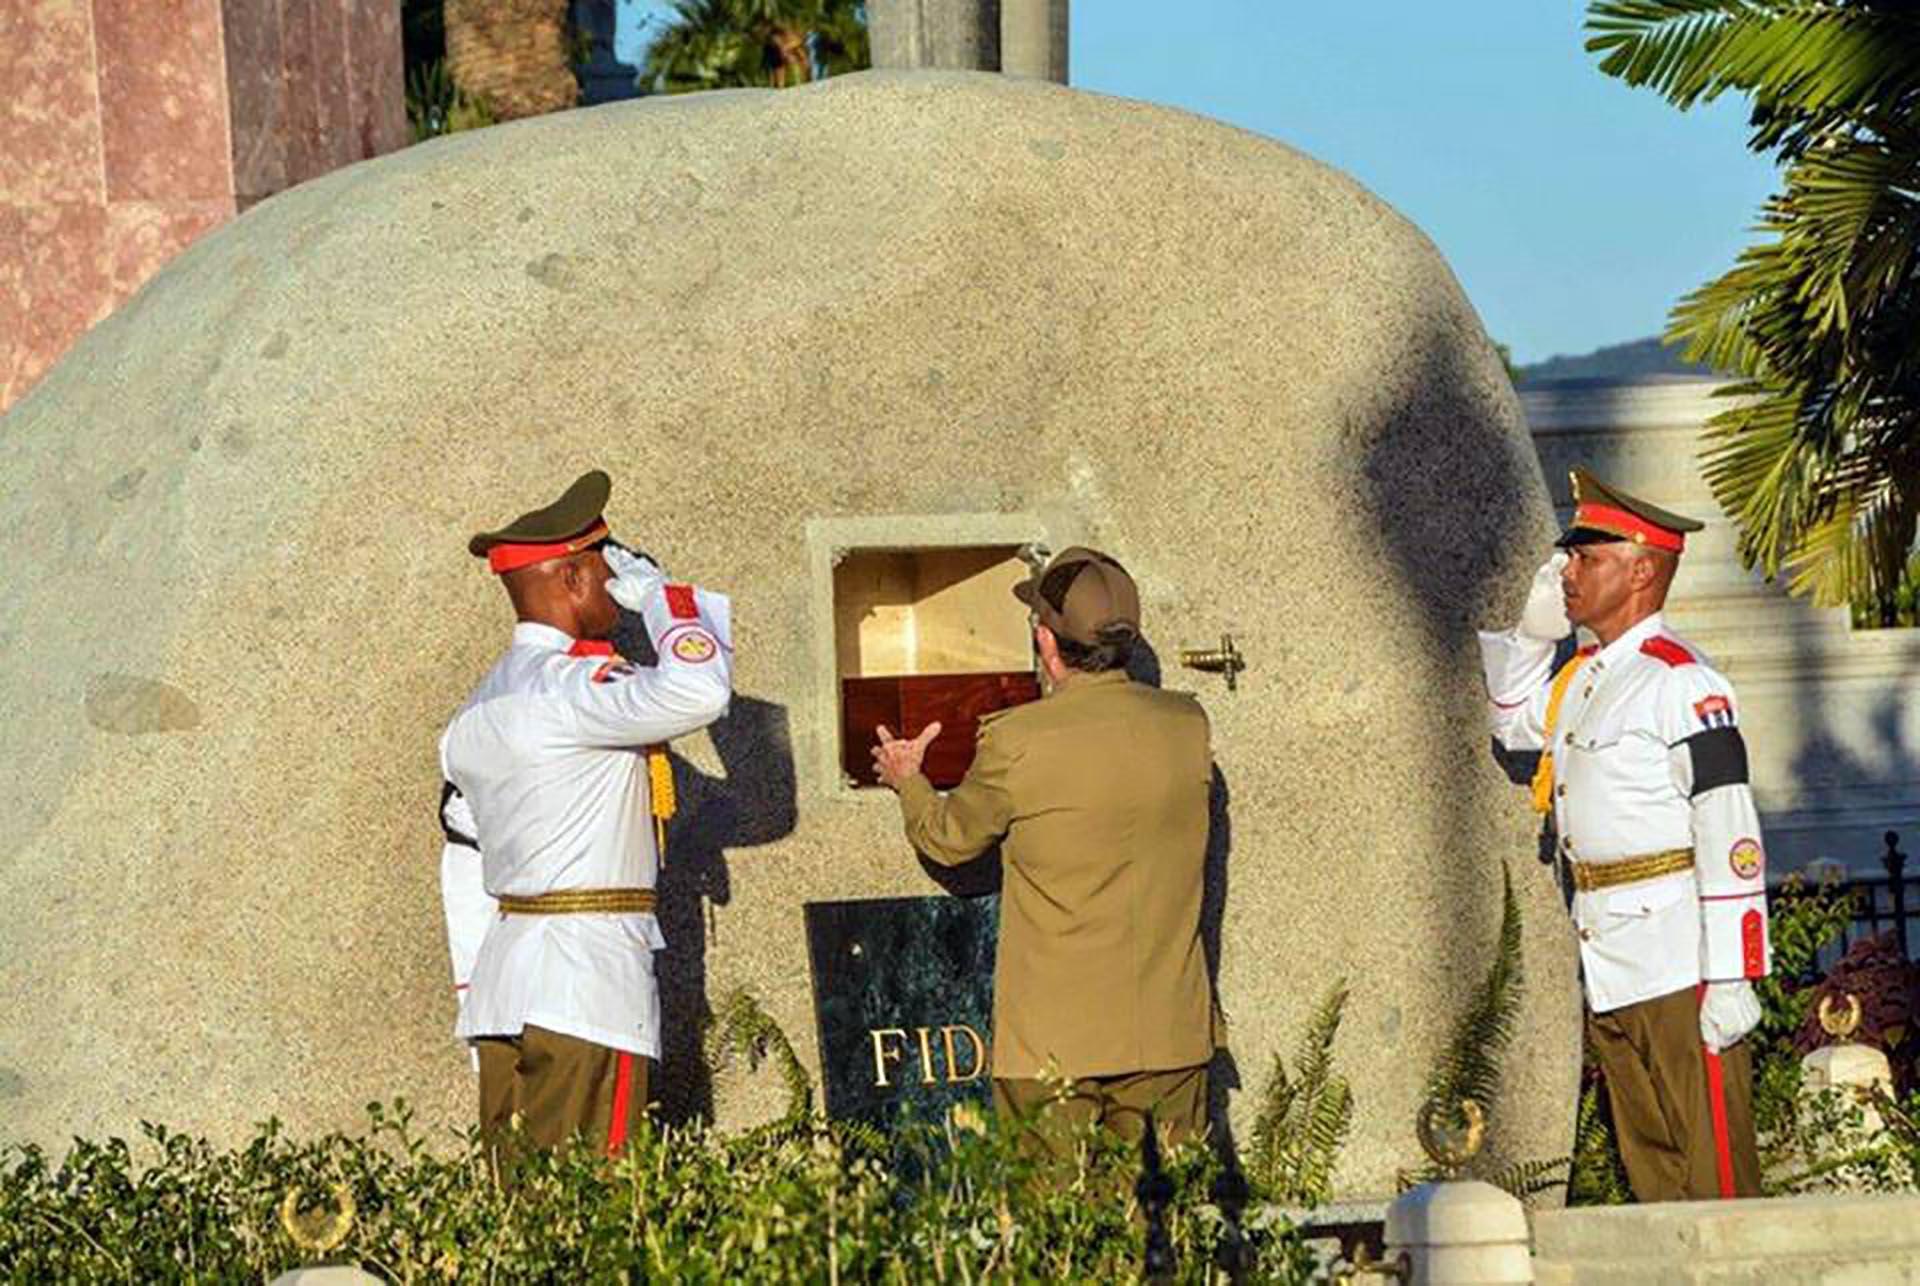 El monumento a Fidel estuvo escoltado por oficiales de las fuerzas cubanas (Agencia Cubana de Noticias)